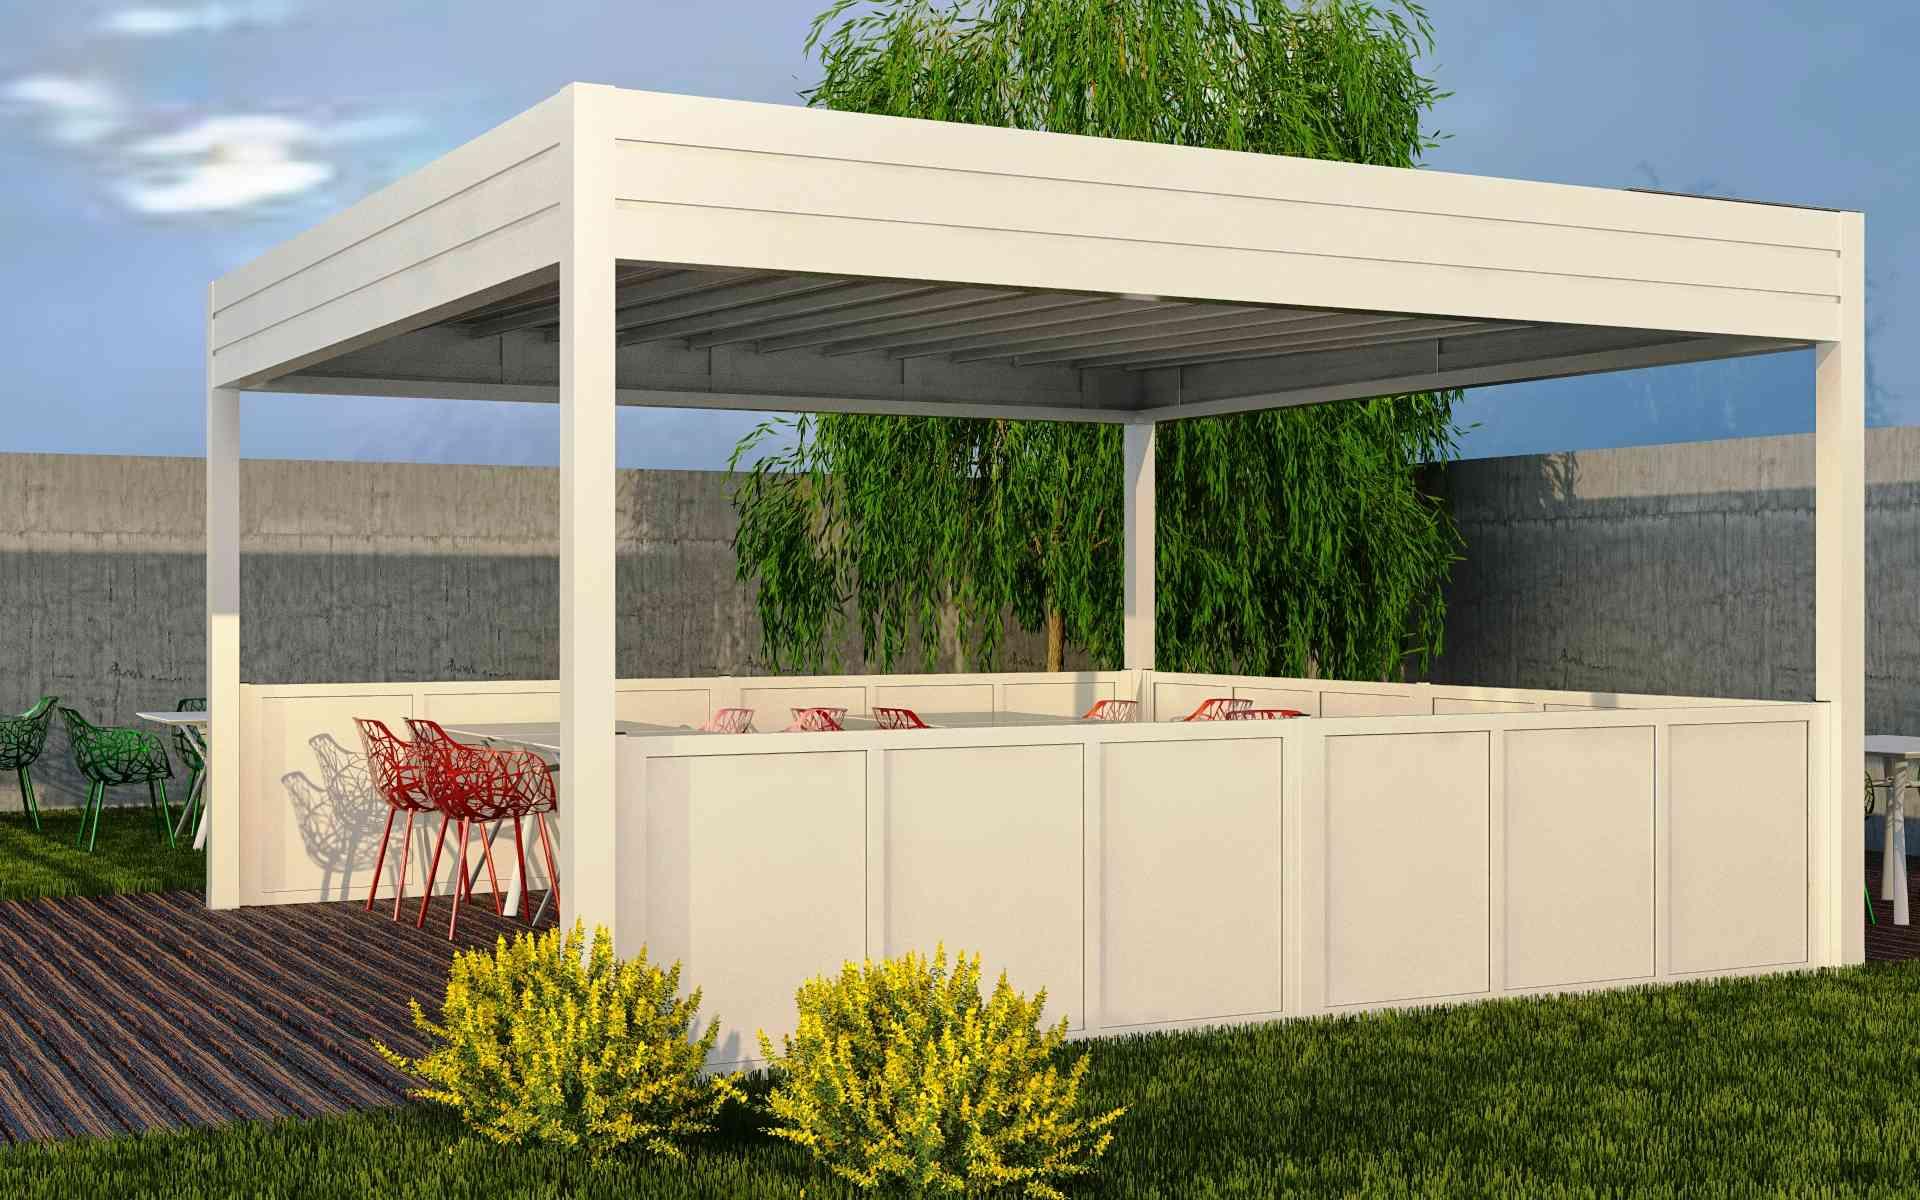 Paravento modulare per esterno in alluminio mod. GL PARAPETTO - ALU con pannello coibentato - Stameat srl - Produzione ed installazione - Jesolo